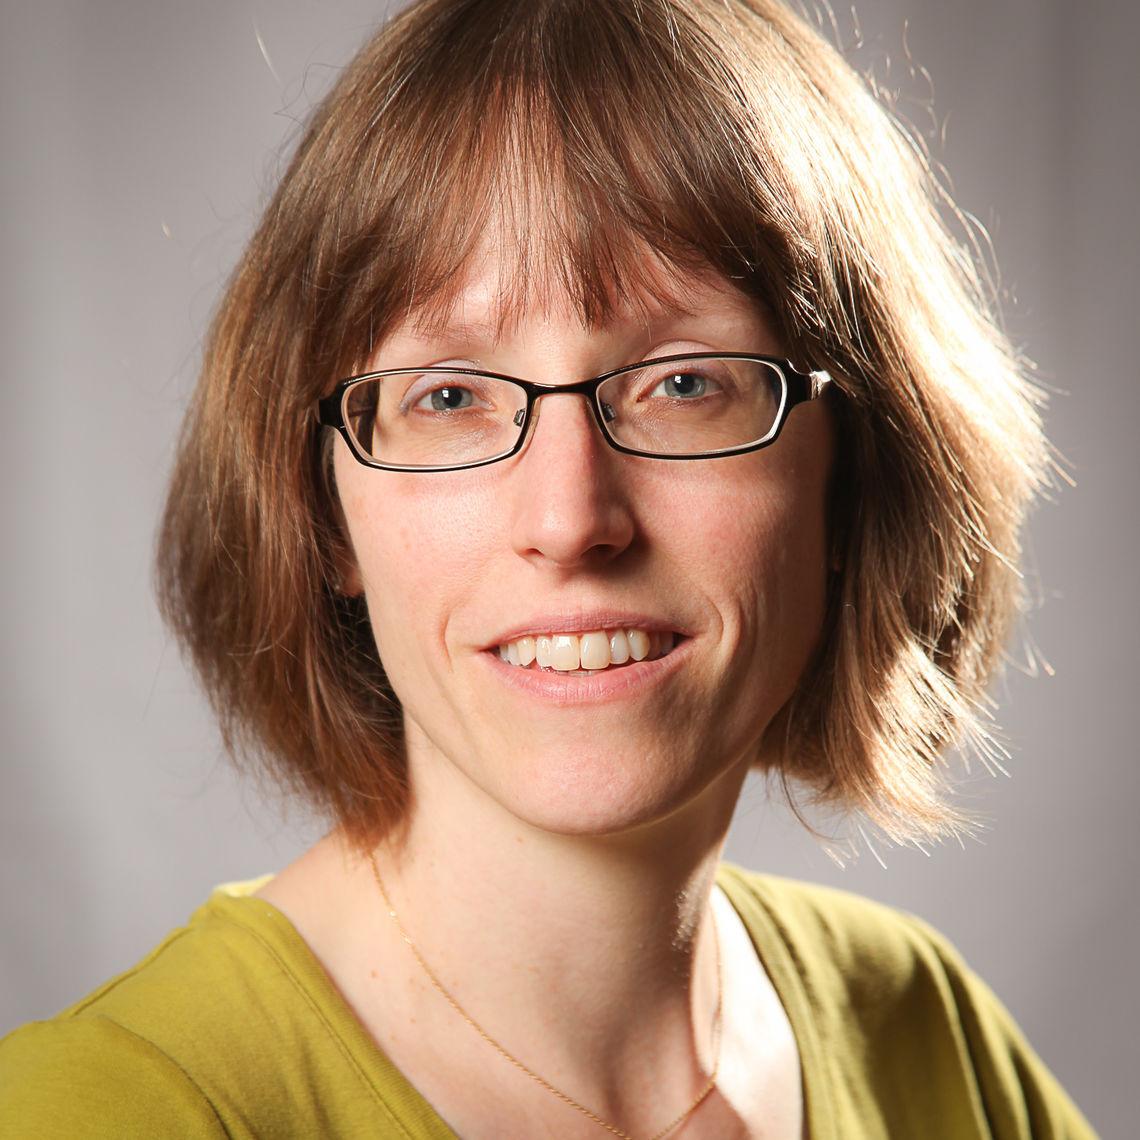 Jennifer Morford